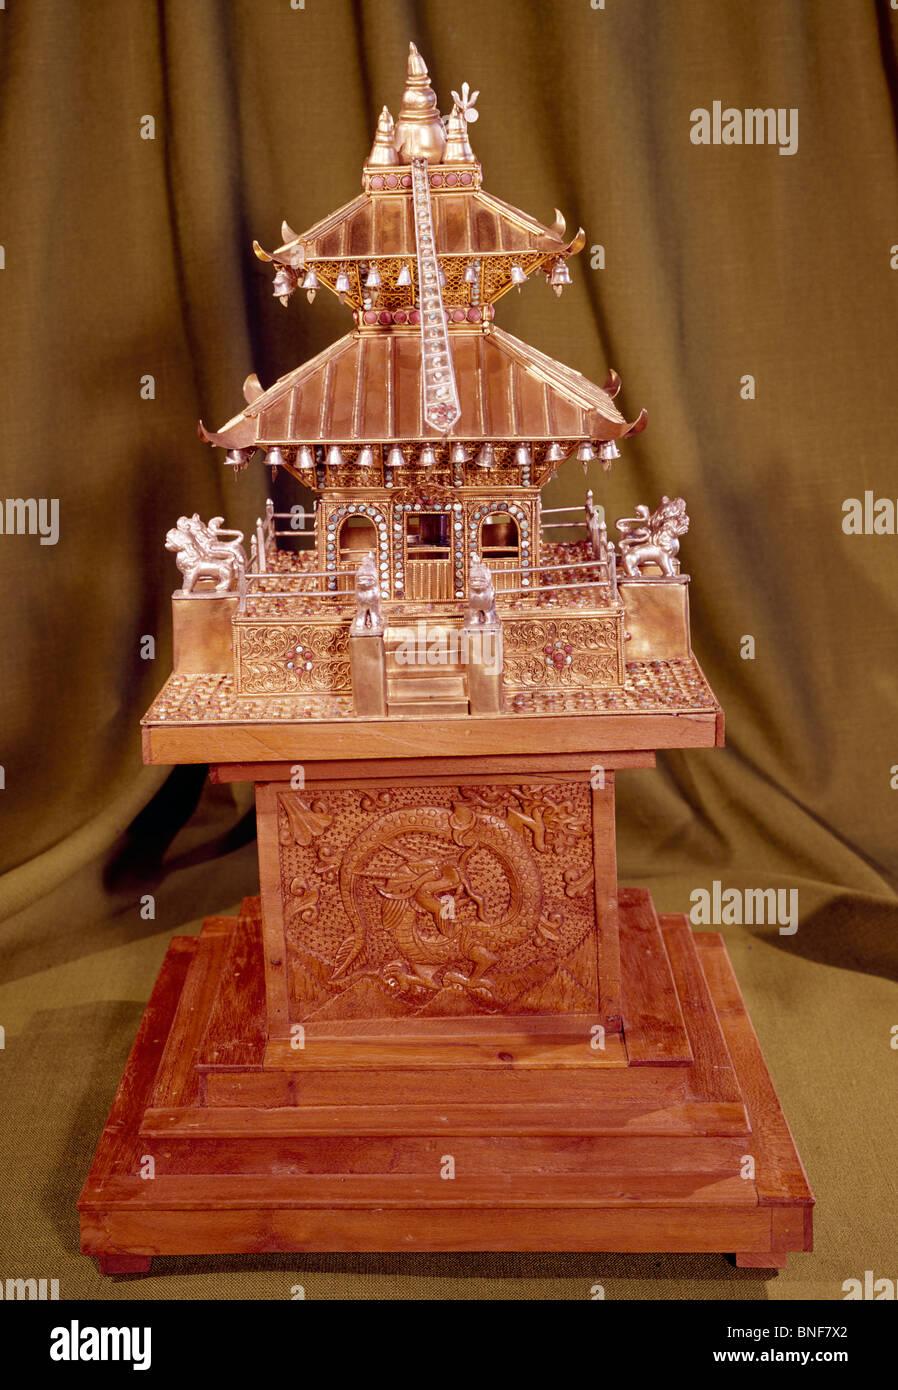 Miniatura Tempio Arti Antiques-Decorative Eisenhower Museum, Abilene Immagini Stock